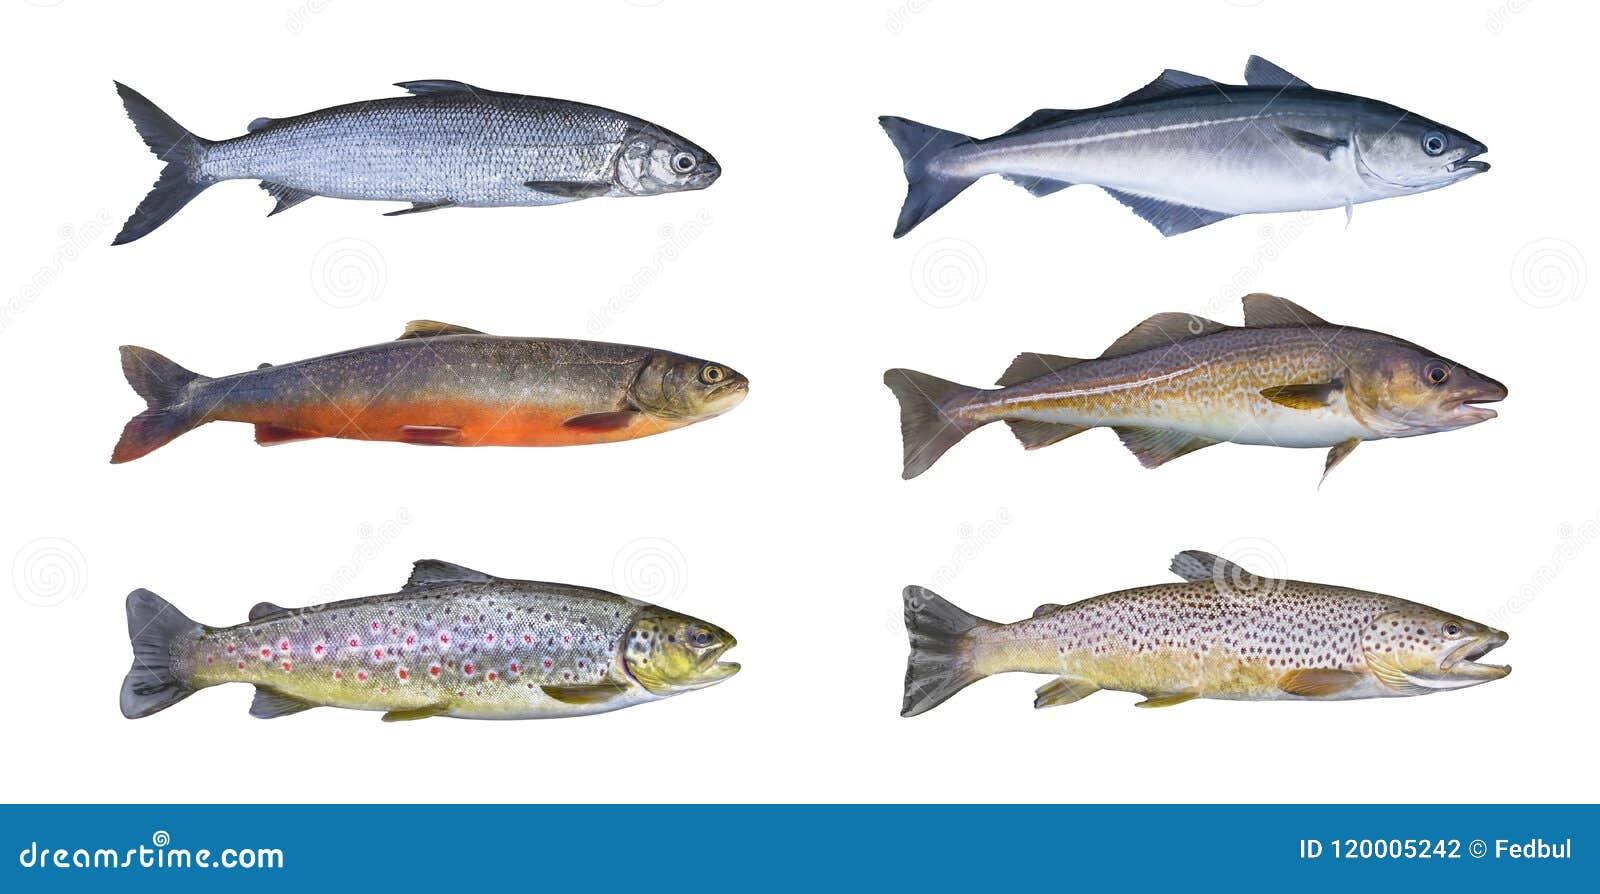 De vissenreeks van Noorwegen De witte vis, noordpoolklusje, beek bruine forel, pollock vist, koolvissen, koolvissen, kabeljauwvis